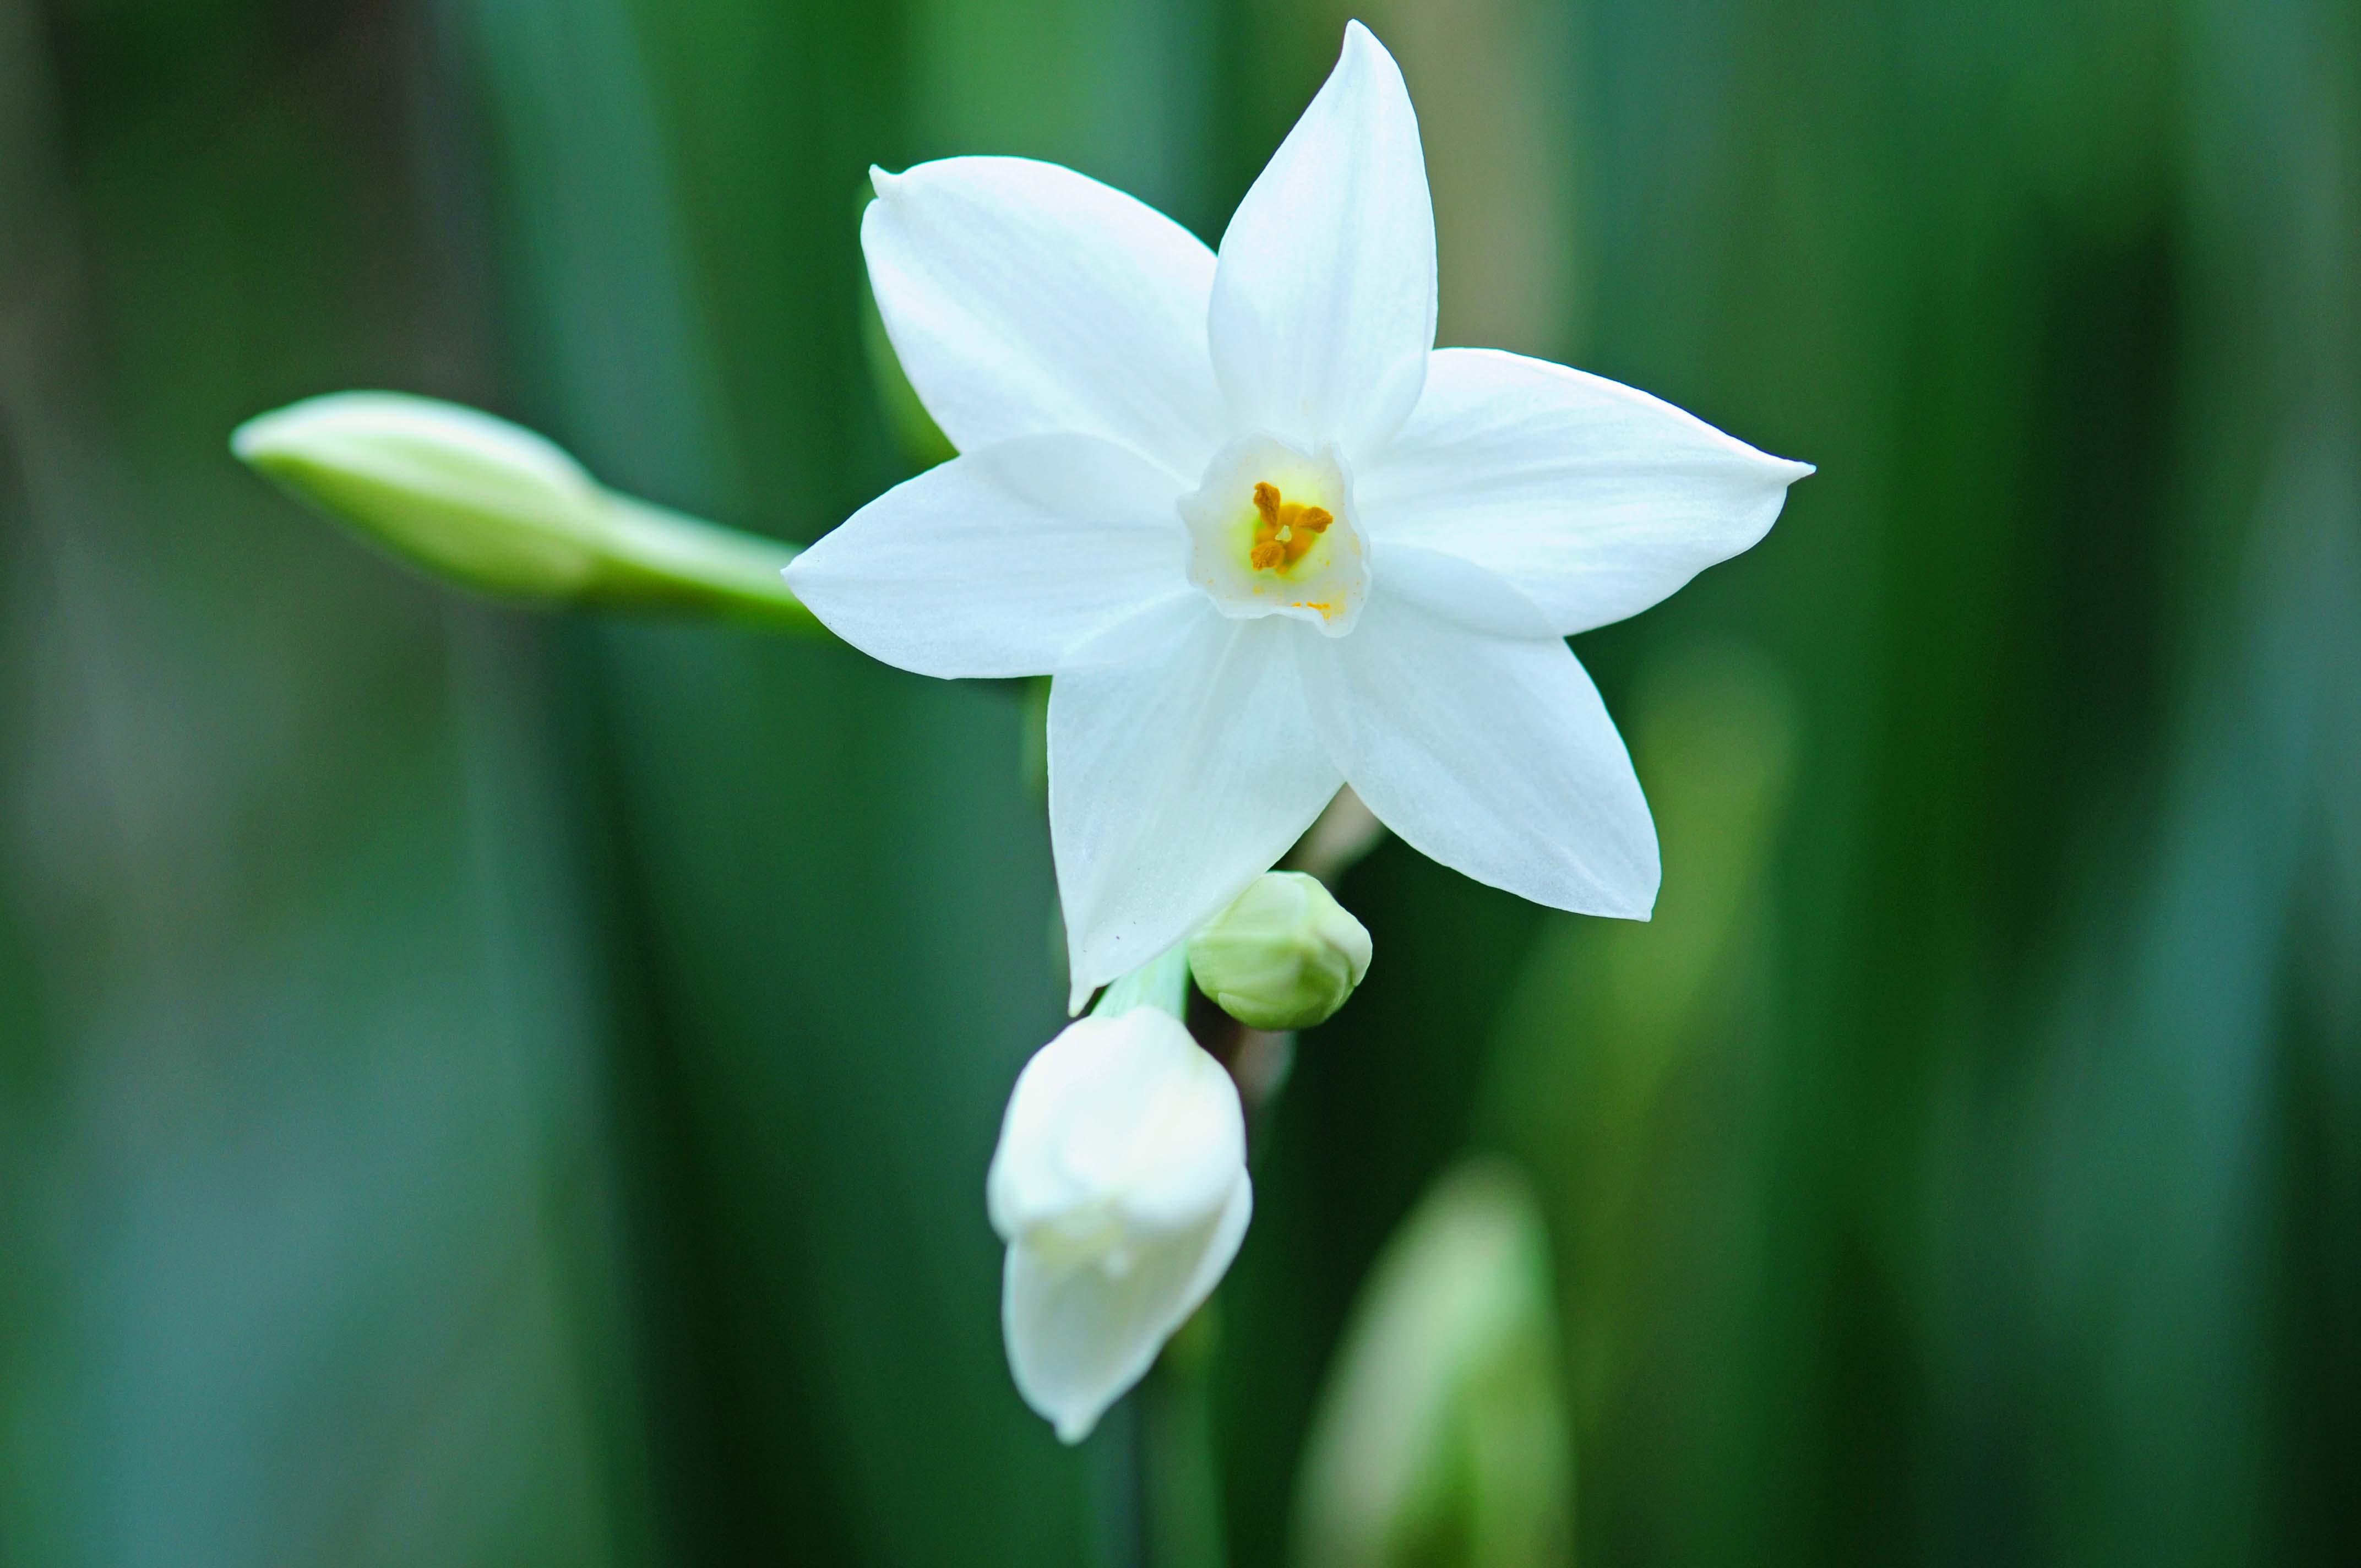 冬に咲く花_e0157647_7124689.jpg